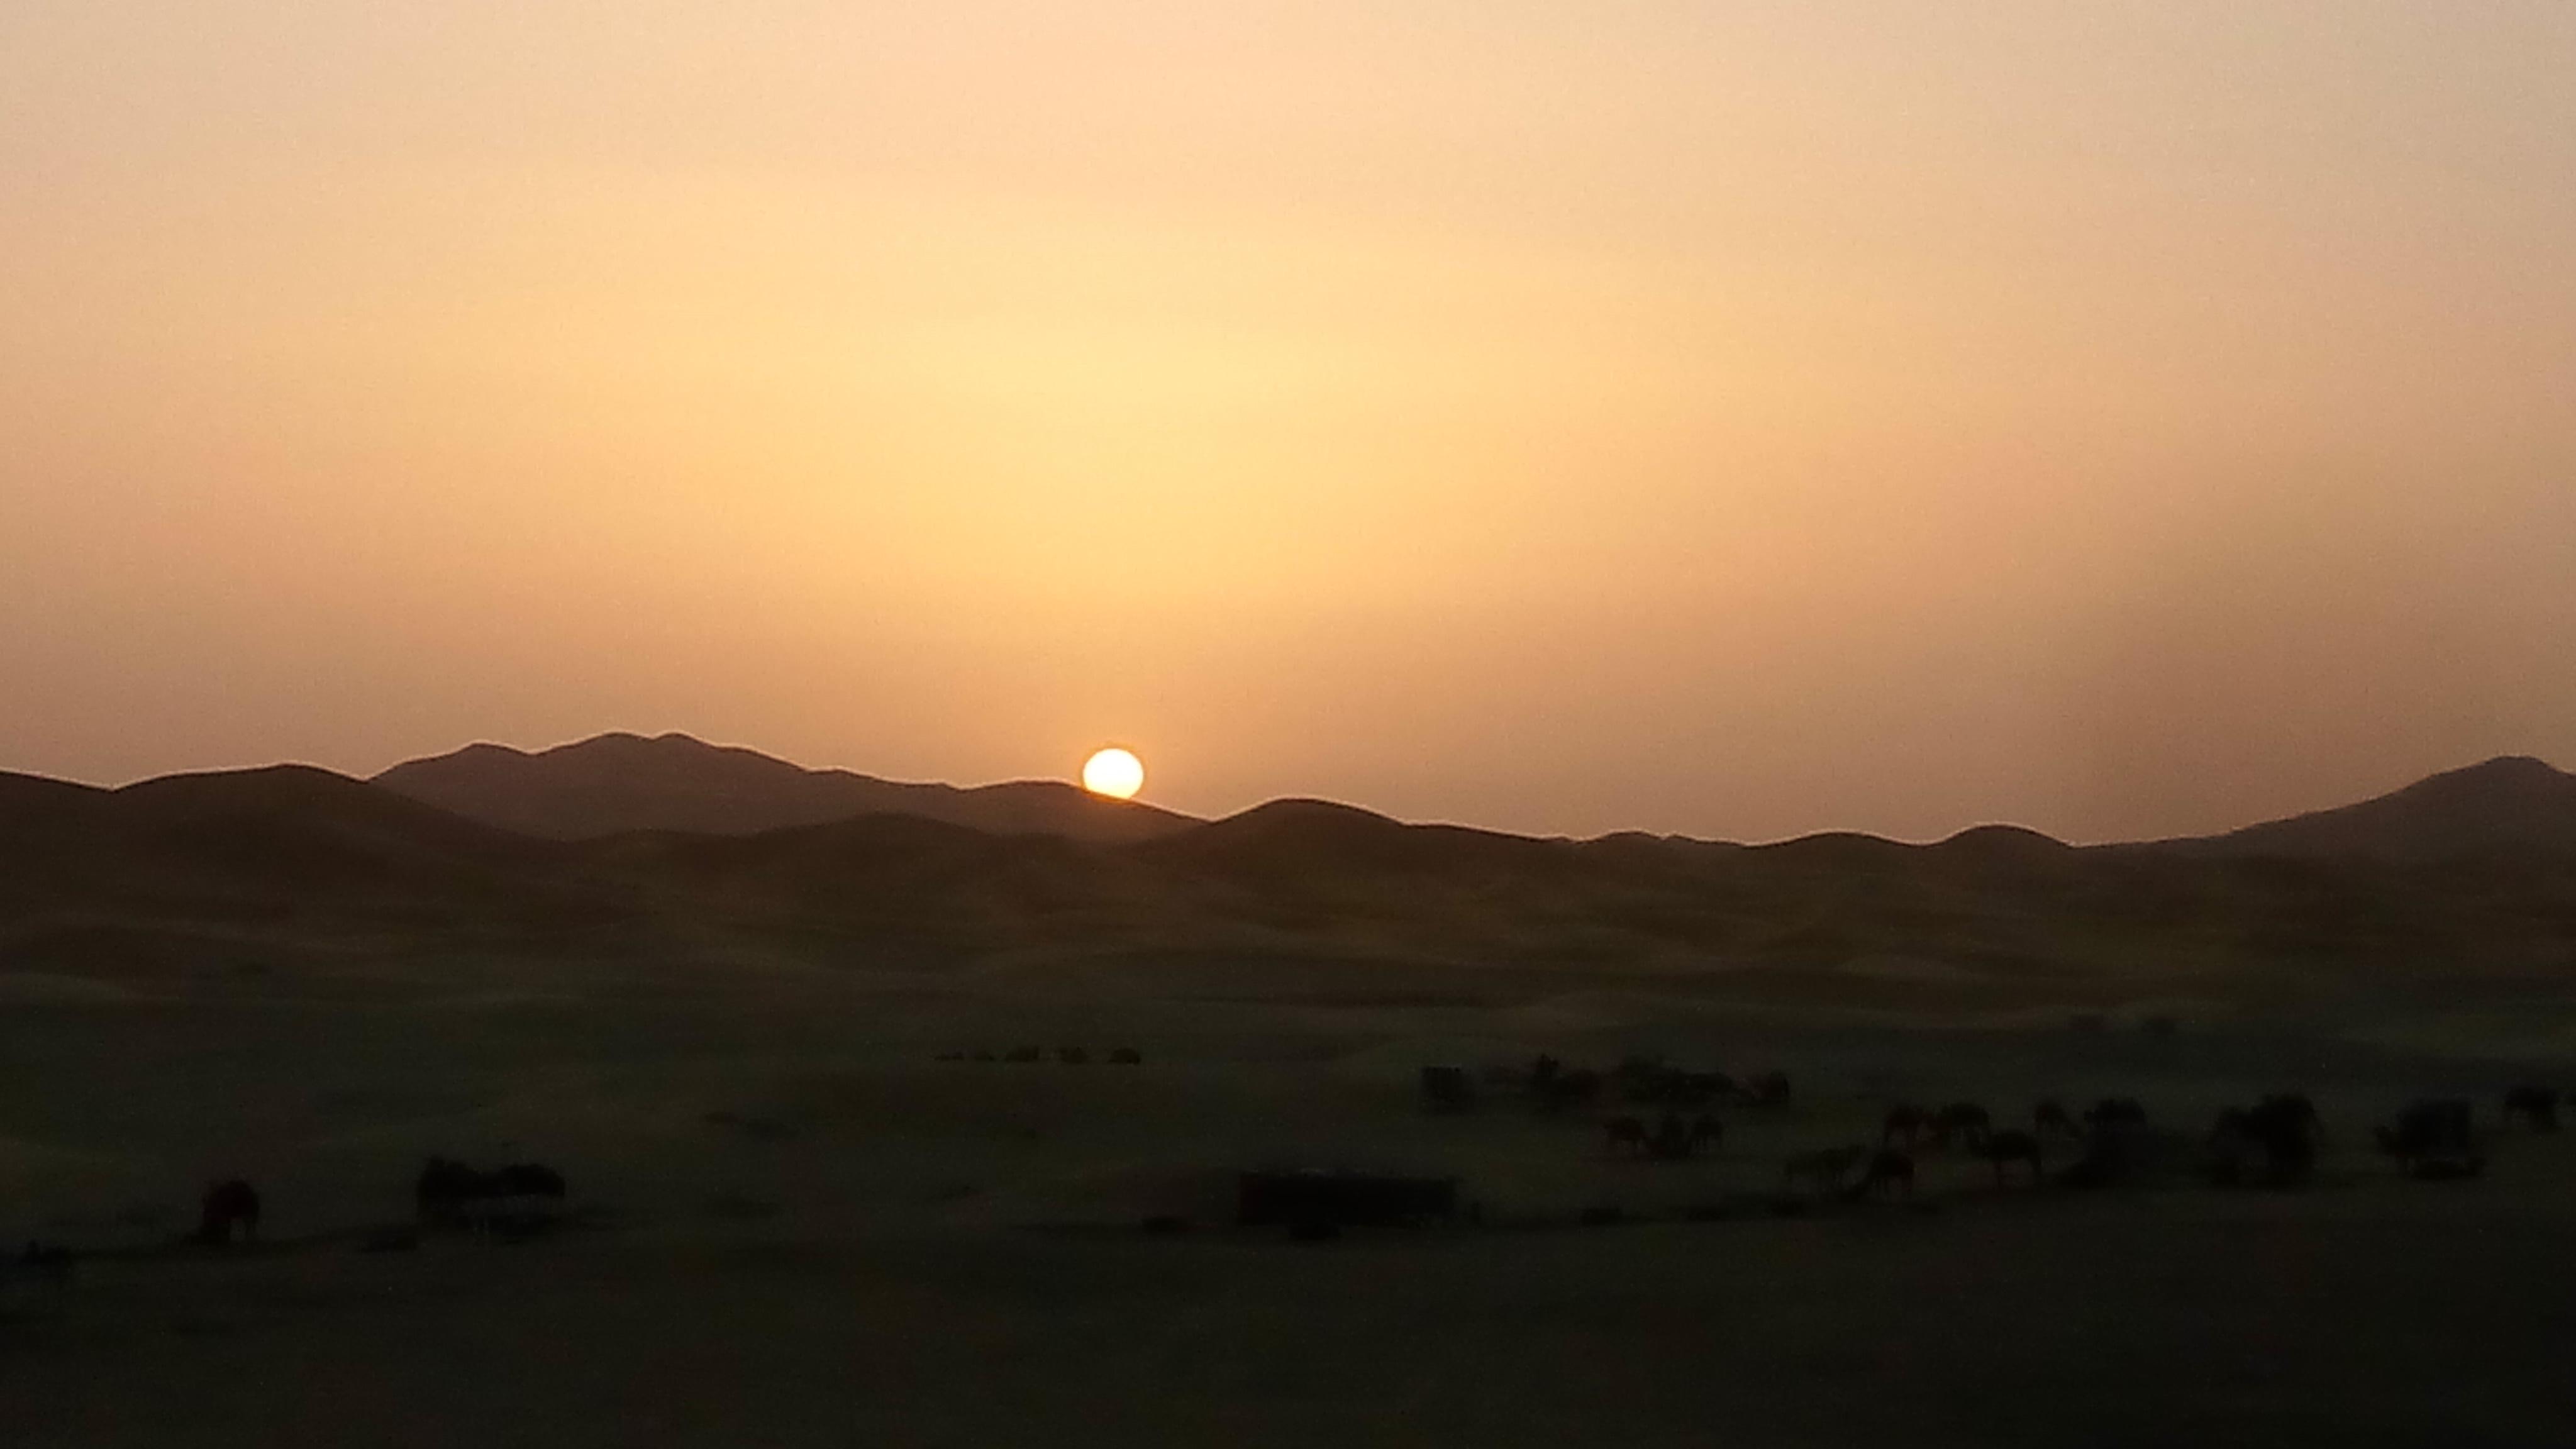 Mesmerizing sunrise